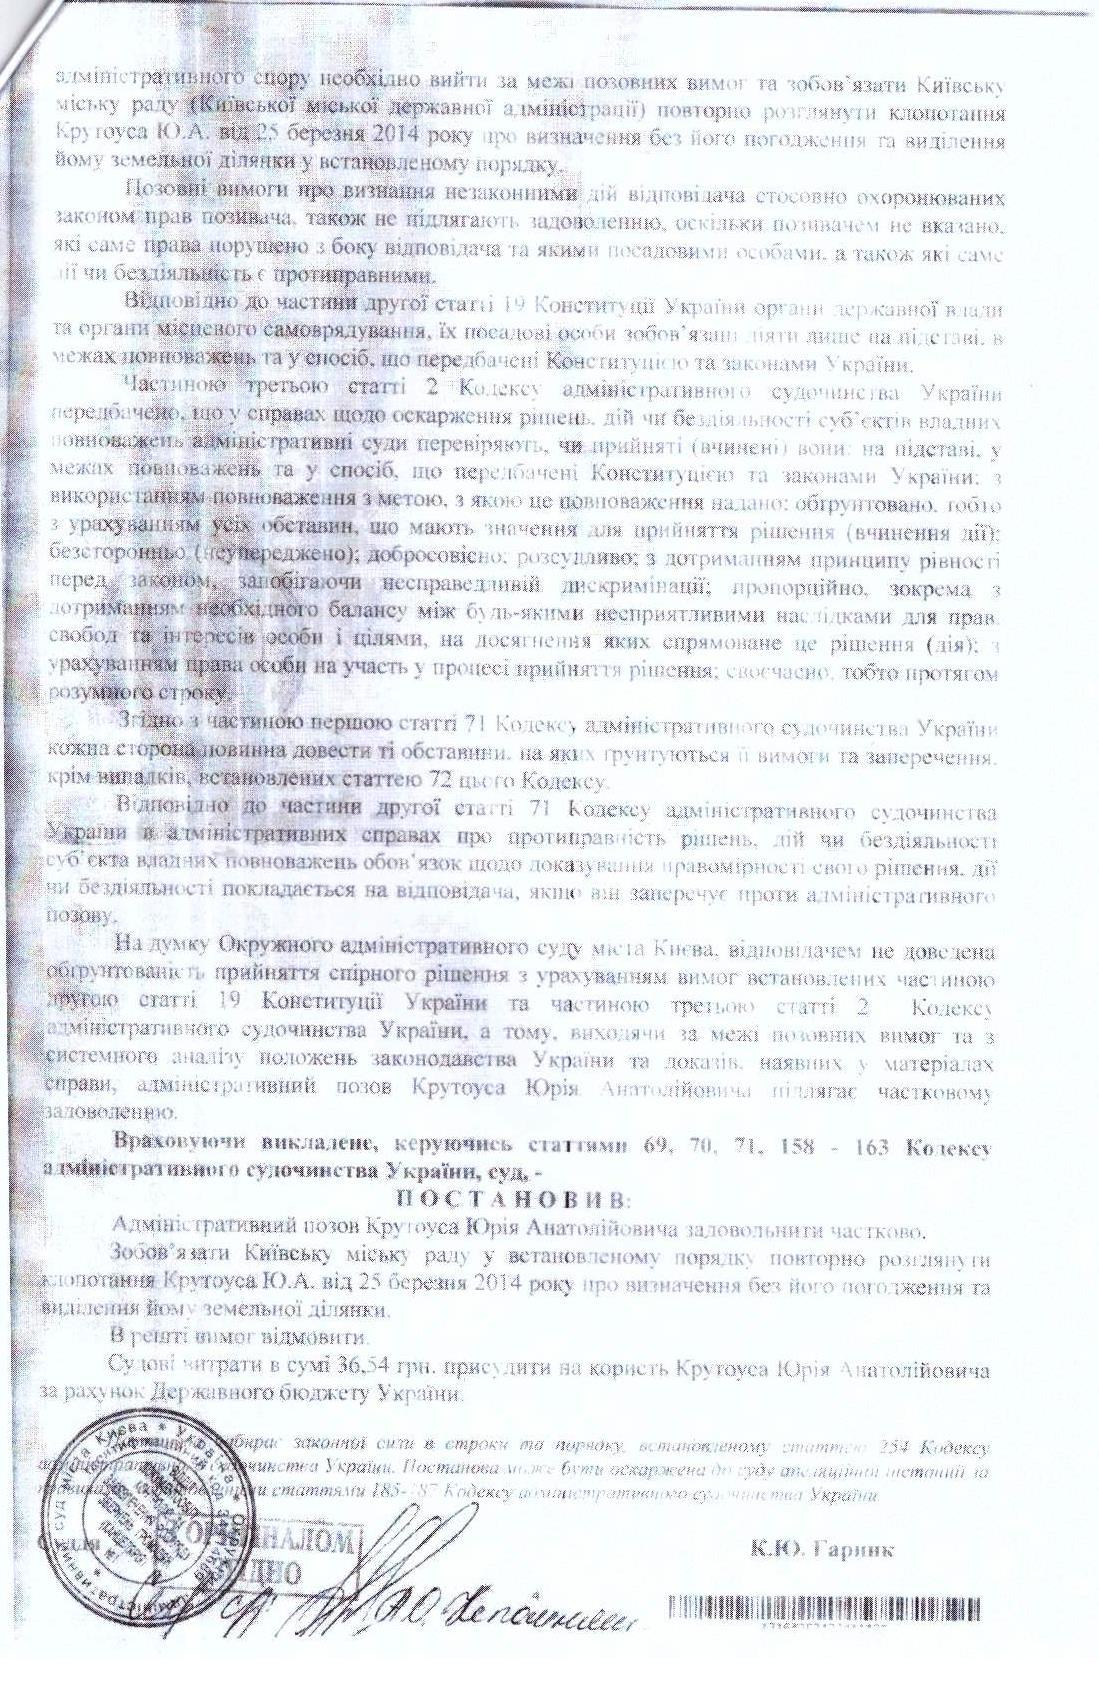 Окружний адмінсуд Києва3-4